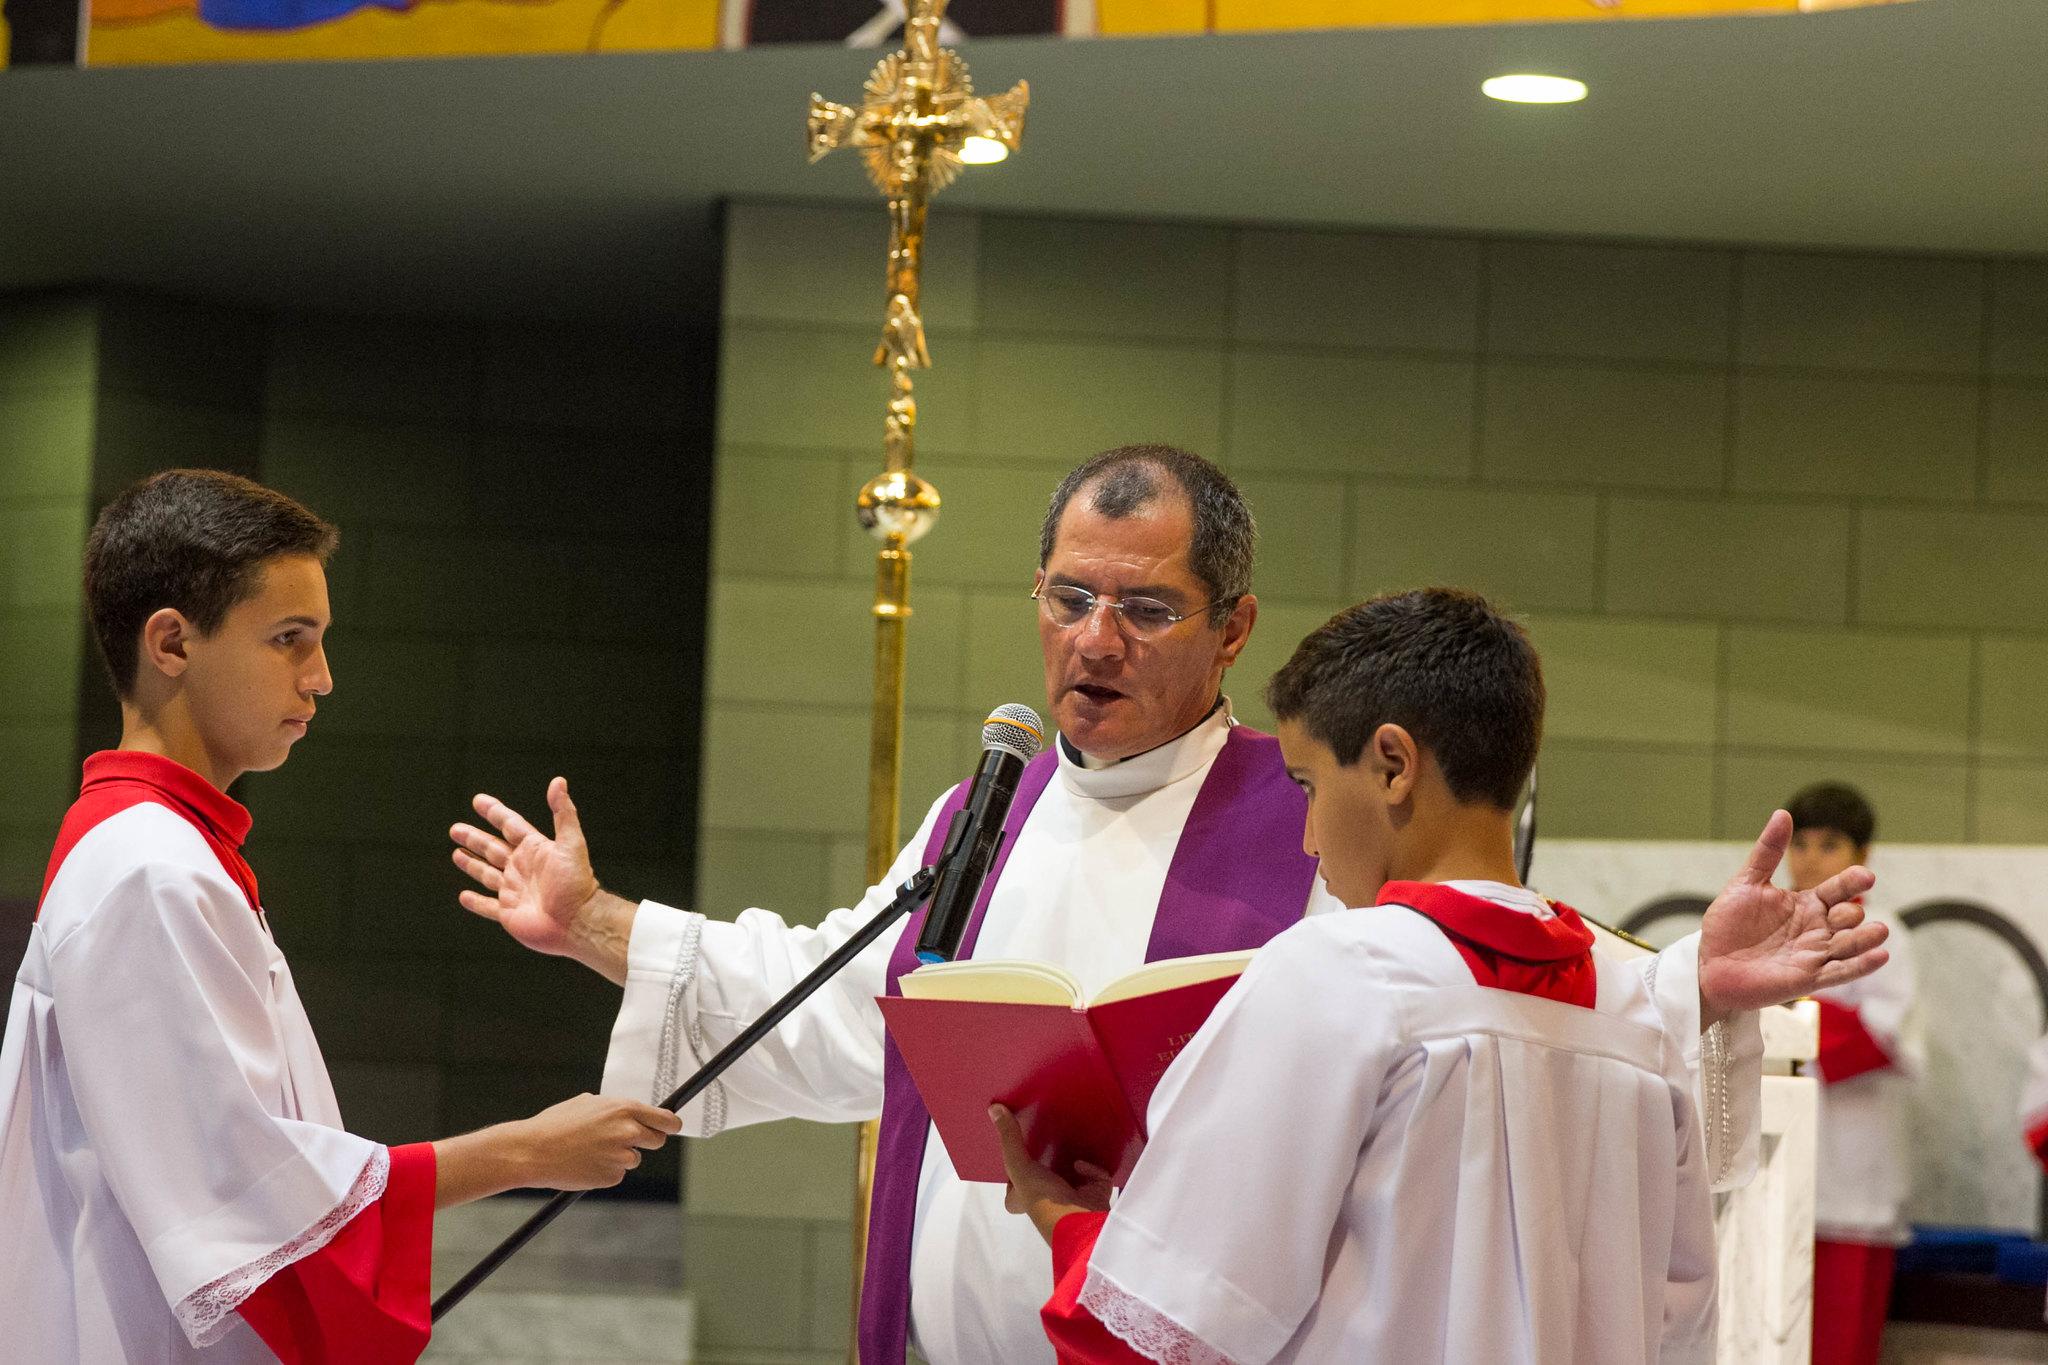 2015 - Padre Bernardo William assume como vigário paroquial. Paróquia Nossa Senhora da Esperança, Asa Norte, Brasília/DF.